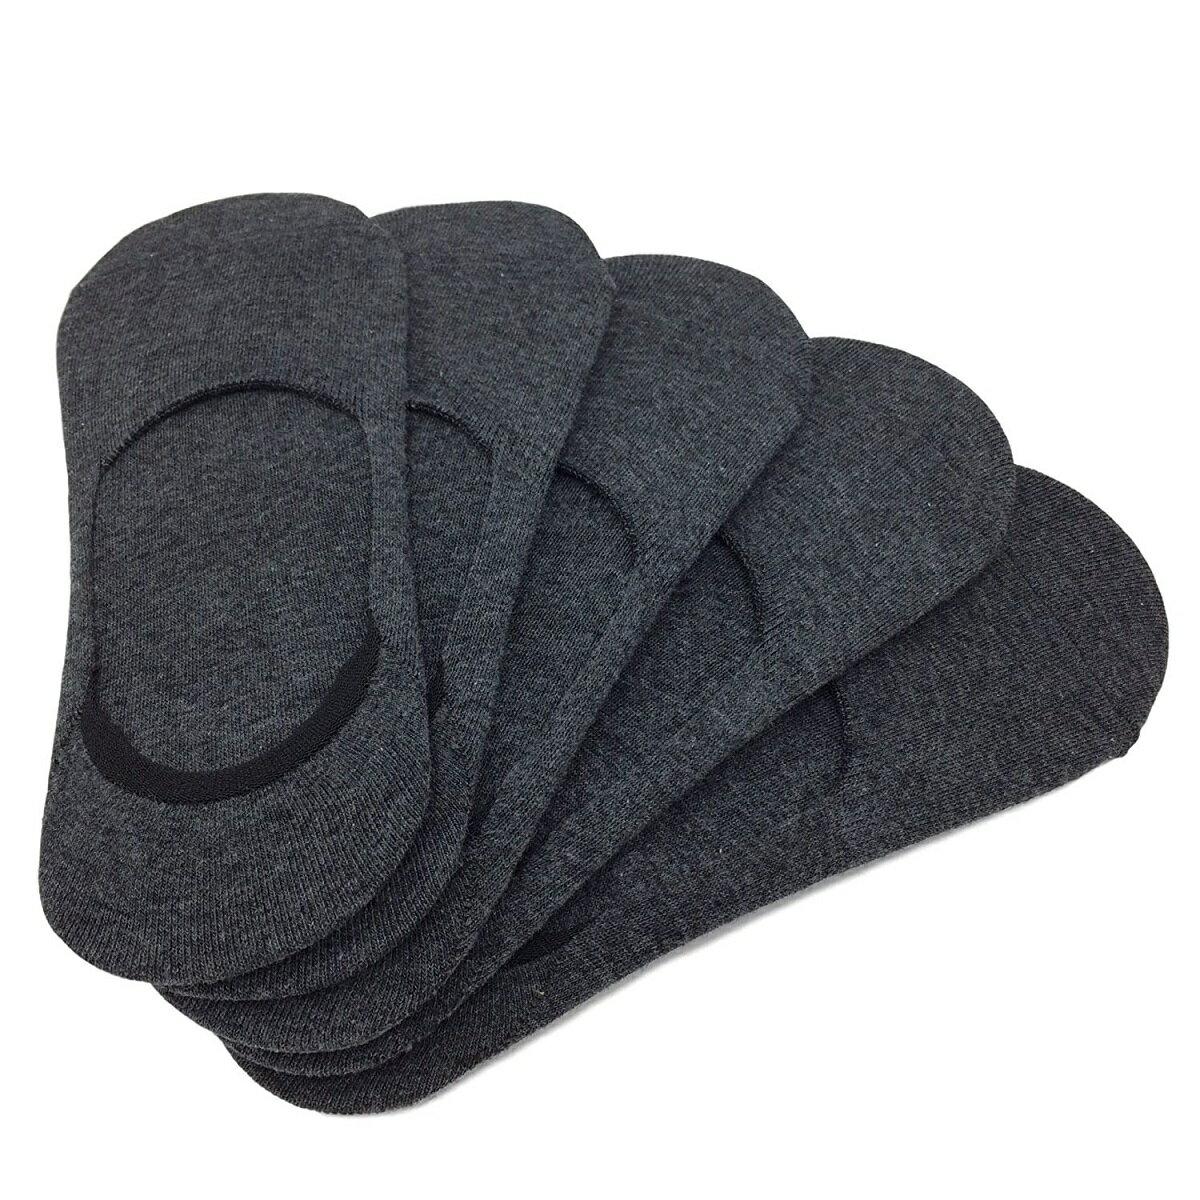 フットカバー メンズ すべり止めつき カバー ソックス ショート 靴下 5足セット 濃グレー